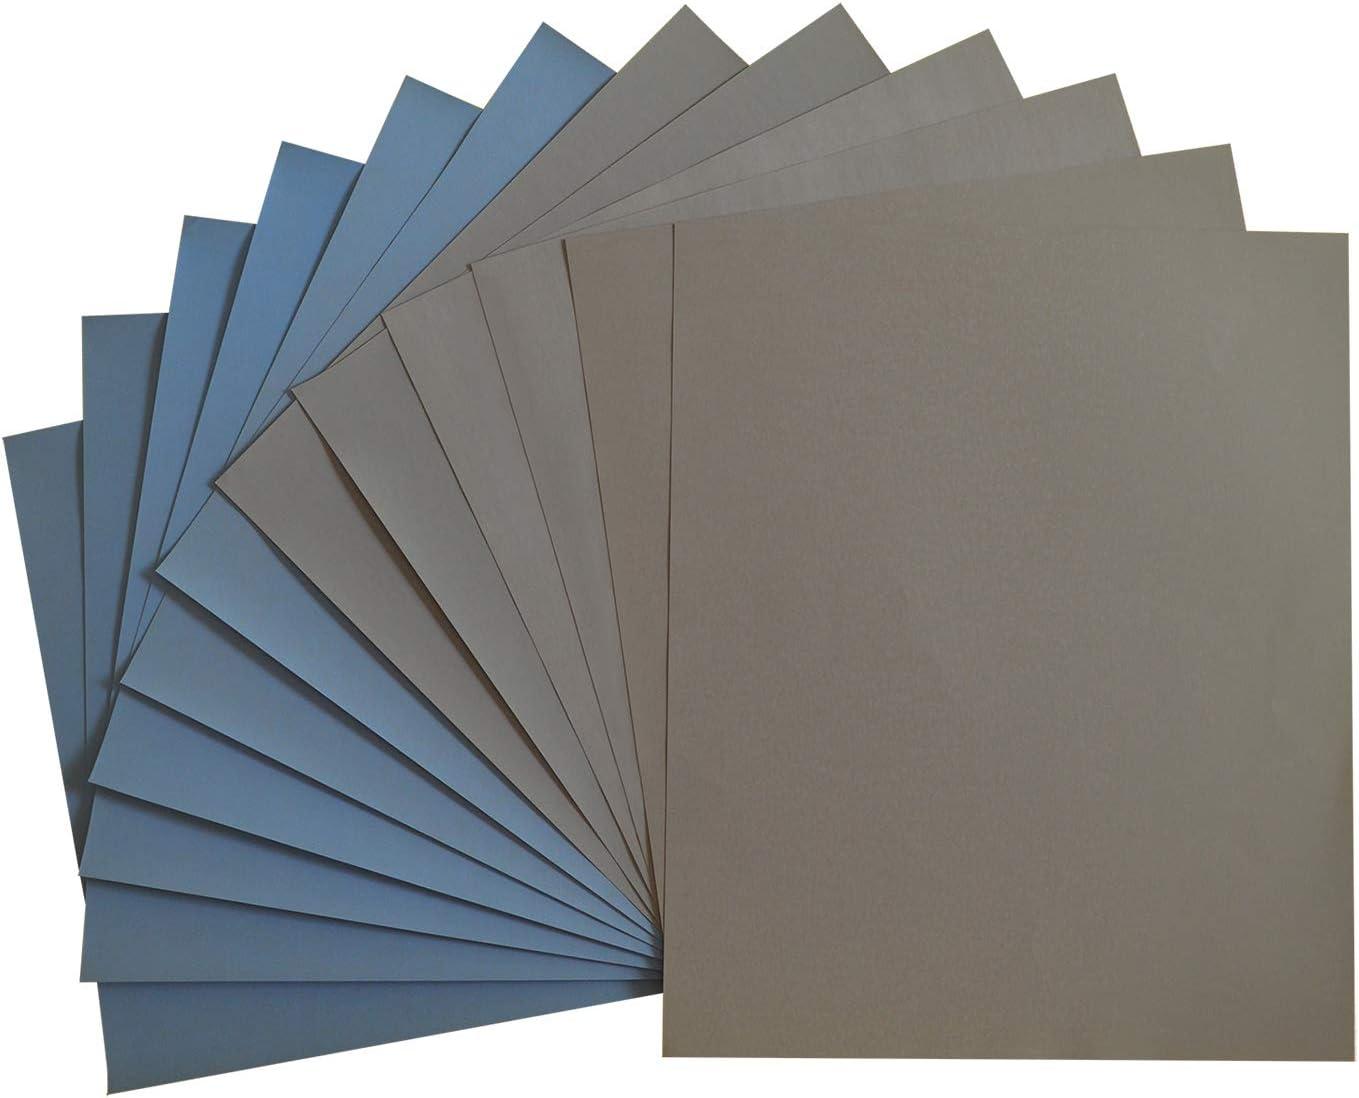 LANHU High Precision Polishing Sanding Wet/dry Abrasive Sandpaper Sheets